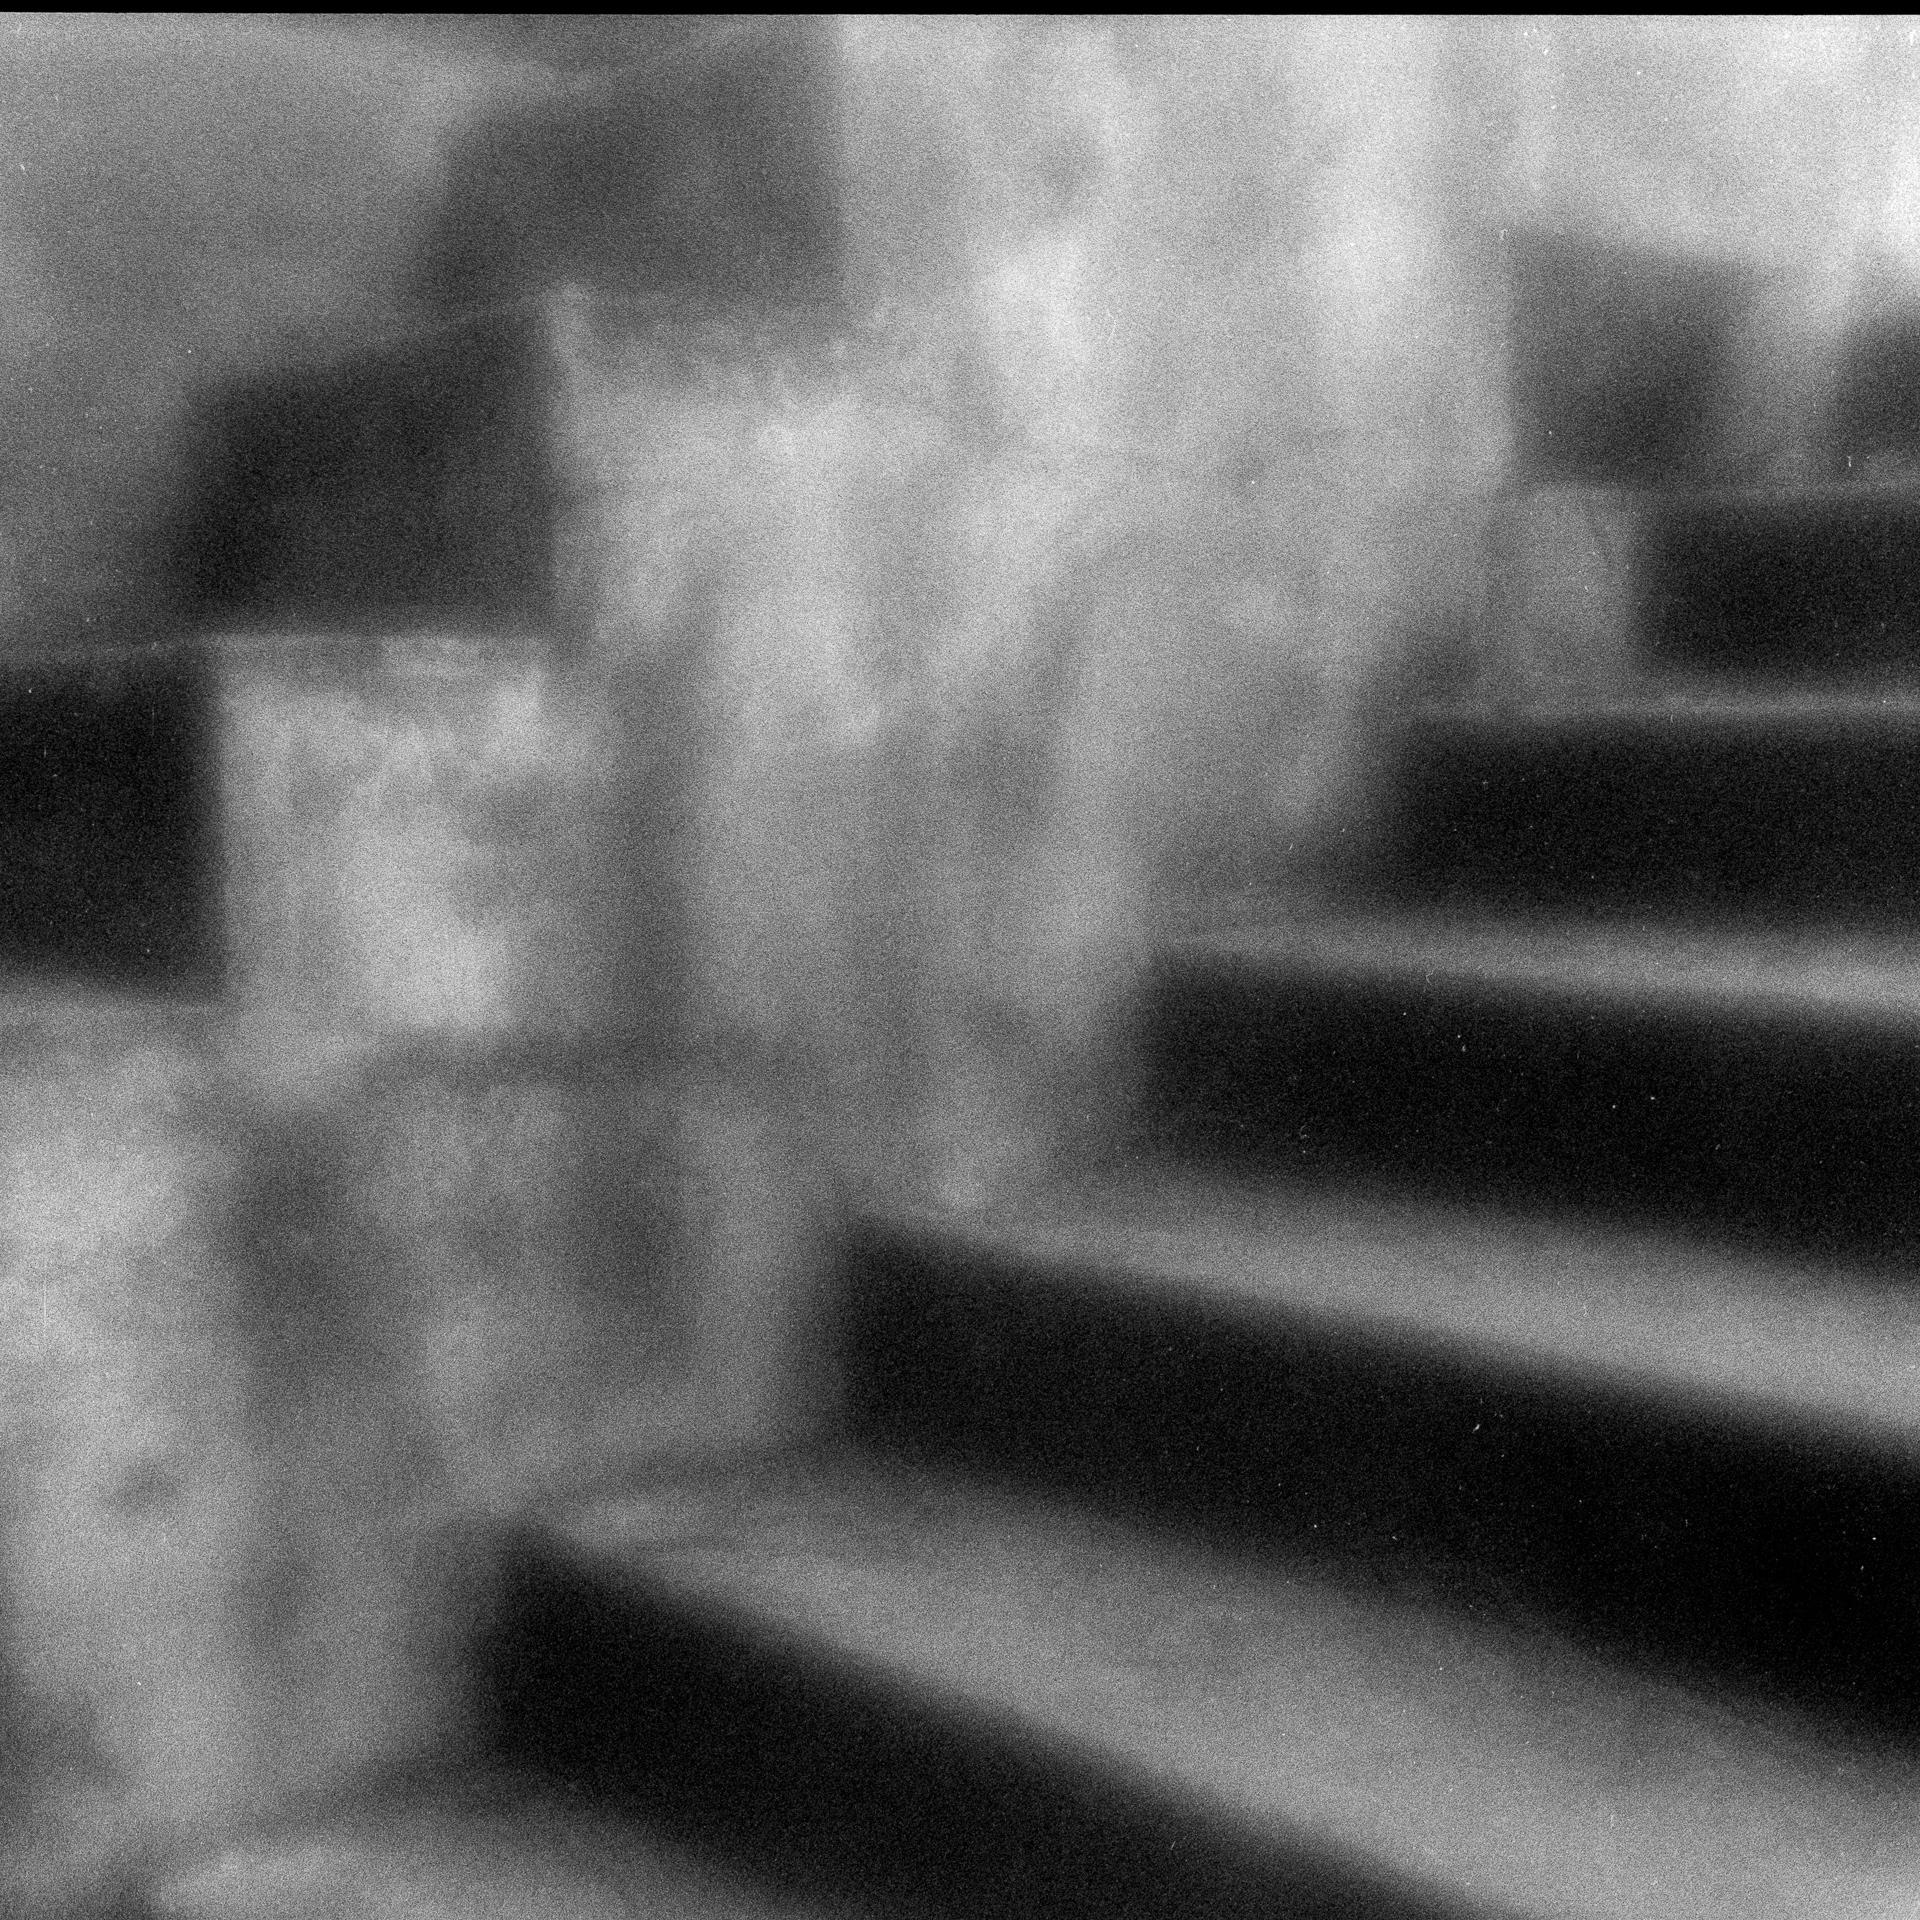 """Jane Alynn  """"Stairway,"""" 2015  zone plage image, gelatin silver print  Anacortes, WA  10""""x10""""x0""""  $350"""